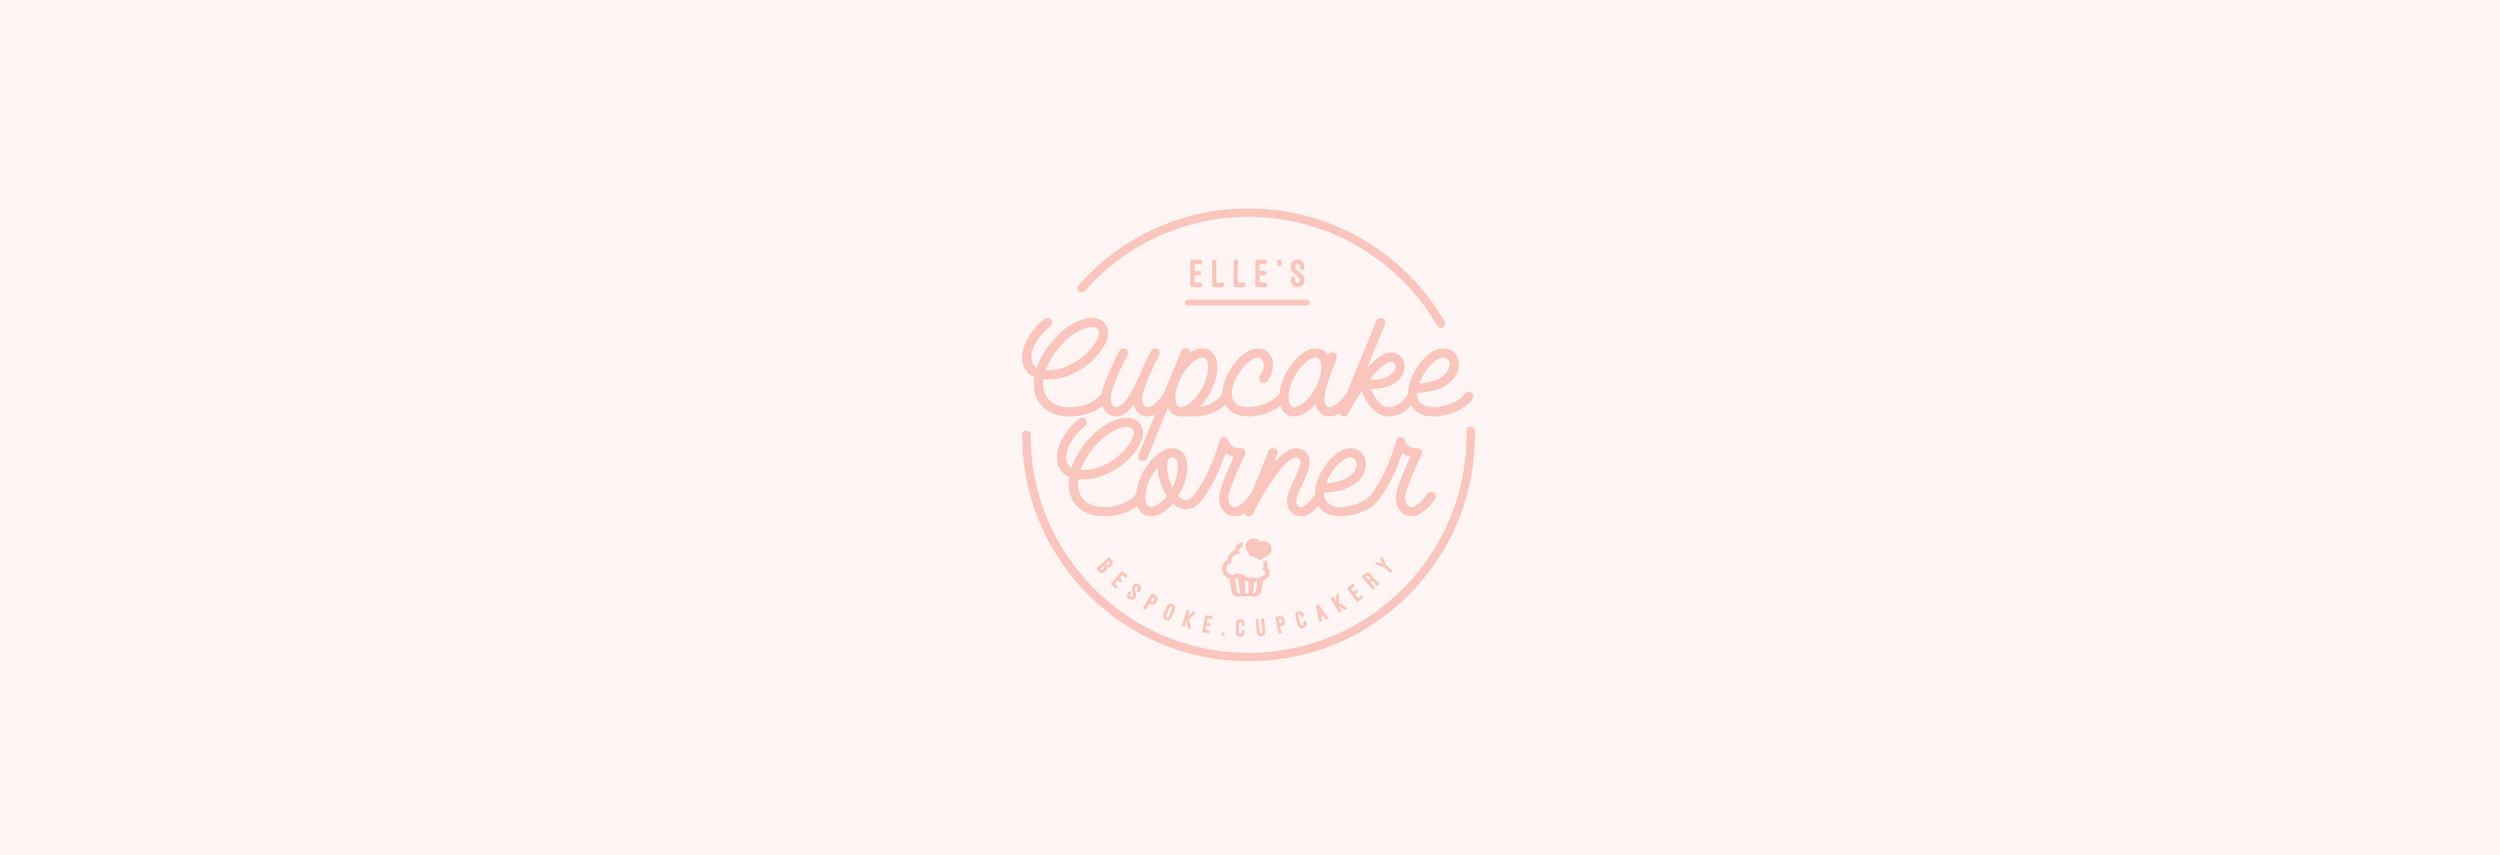 cupcake-corner-logos.jpg